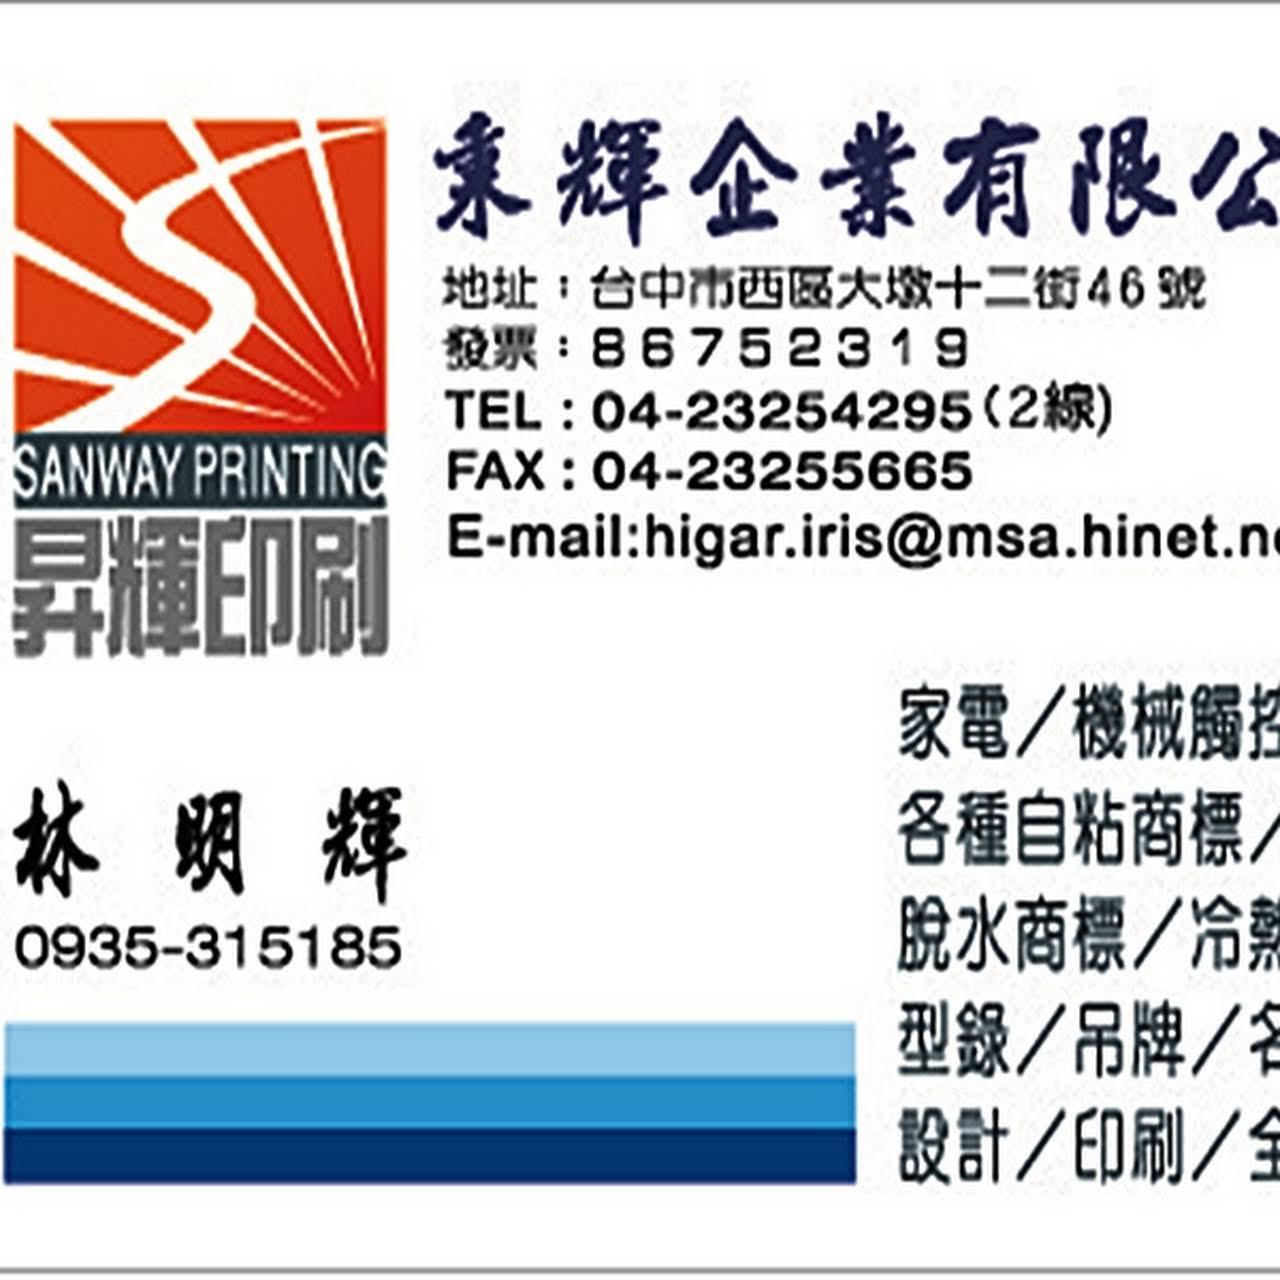 秉輝企業有限公司 自粘商標   觸控面板   印刷   轉印貼紙   網版印刷 - 印刷店